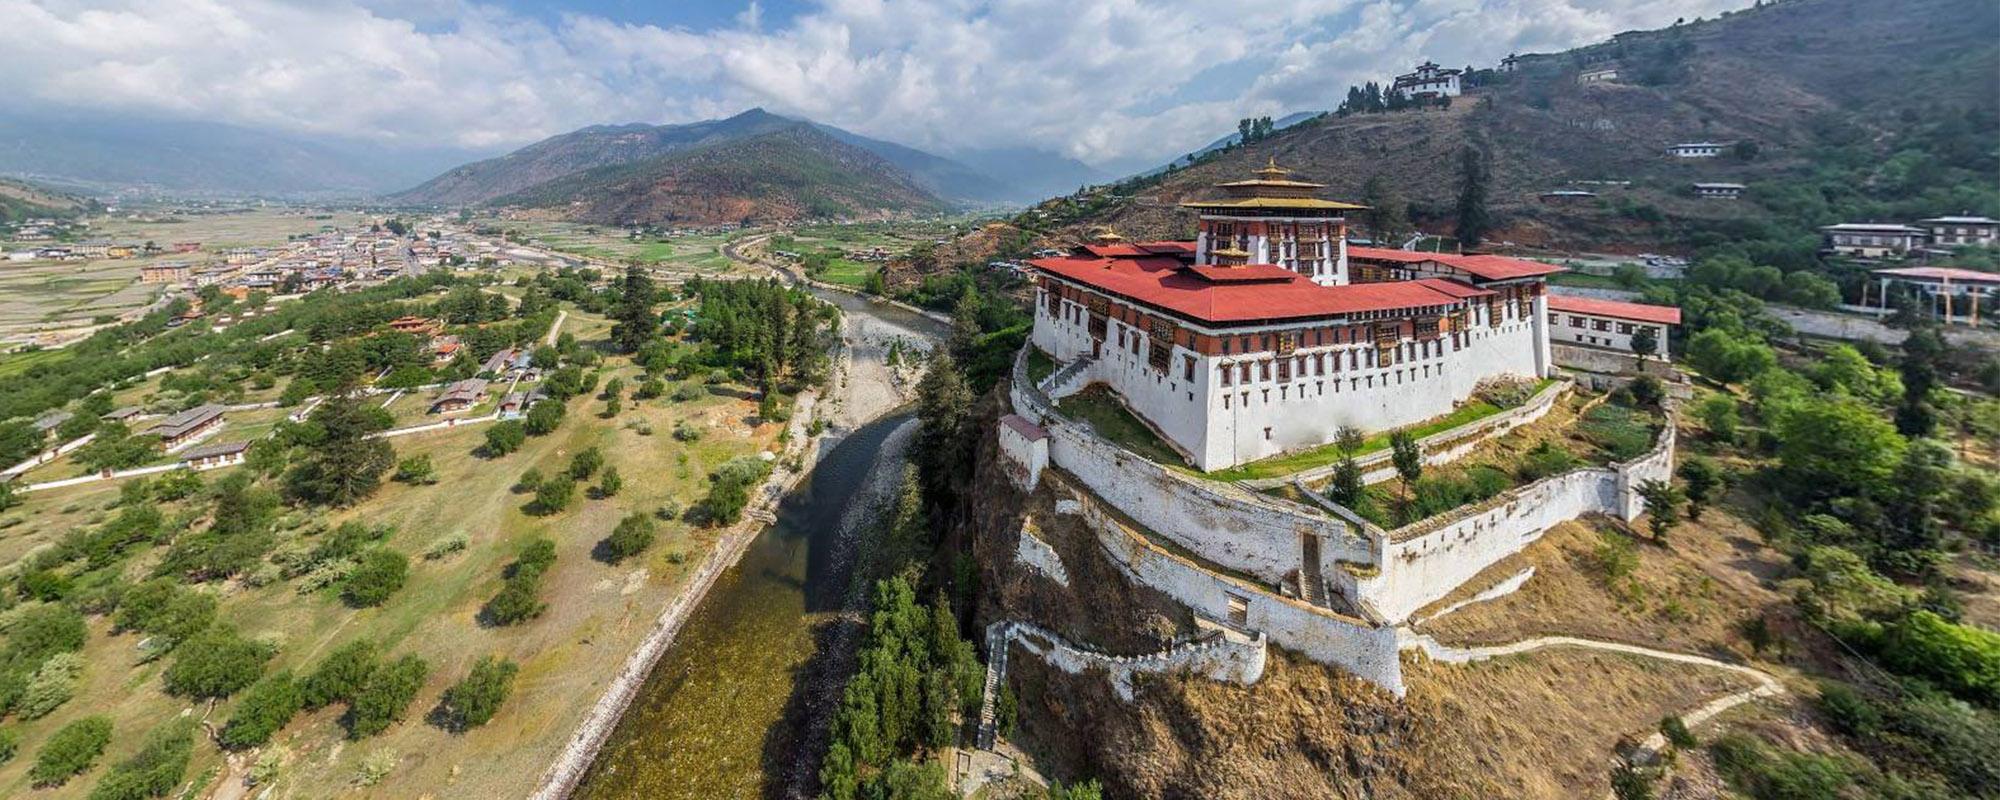 Bhutan Motor biking tour- 7 Days